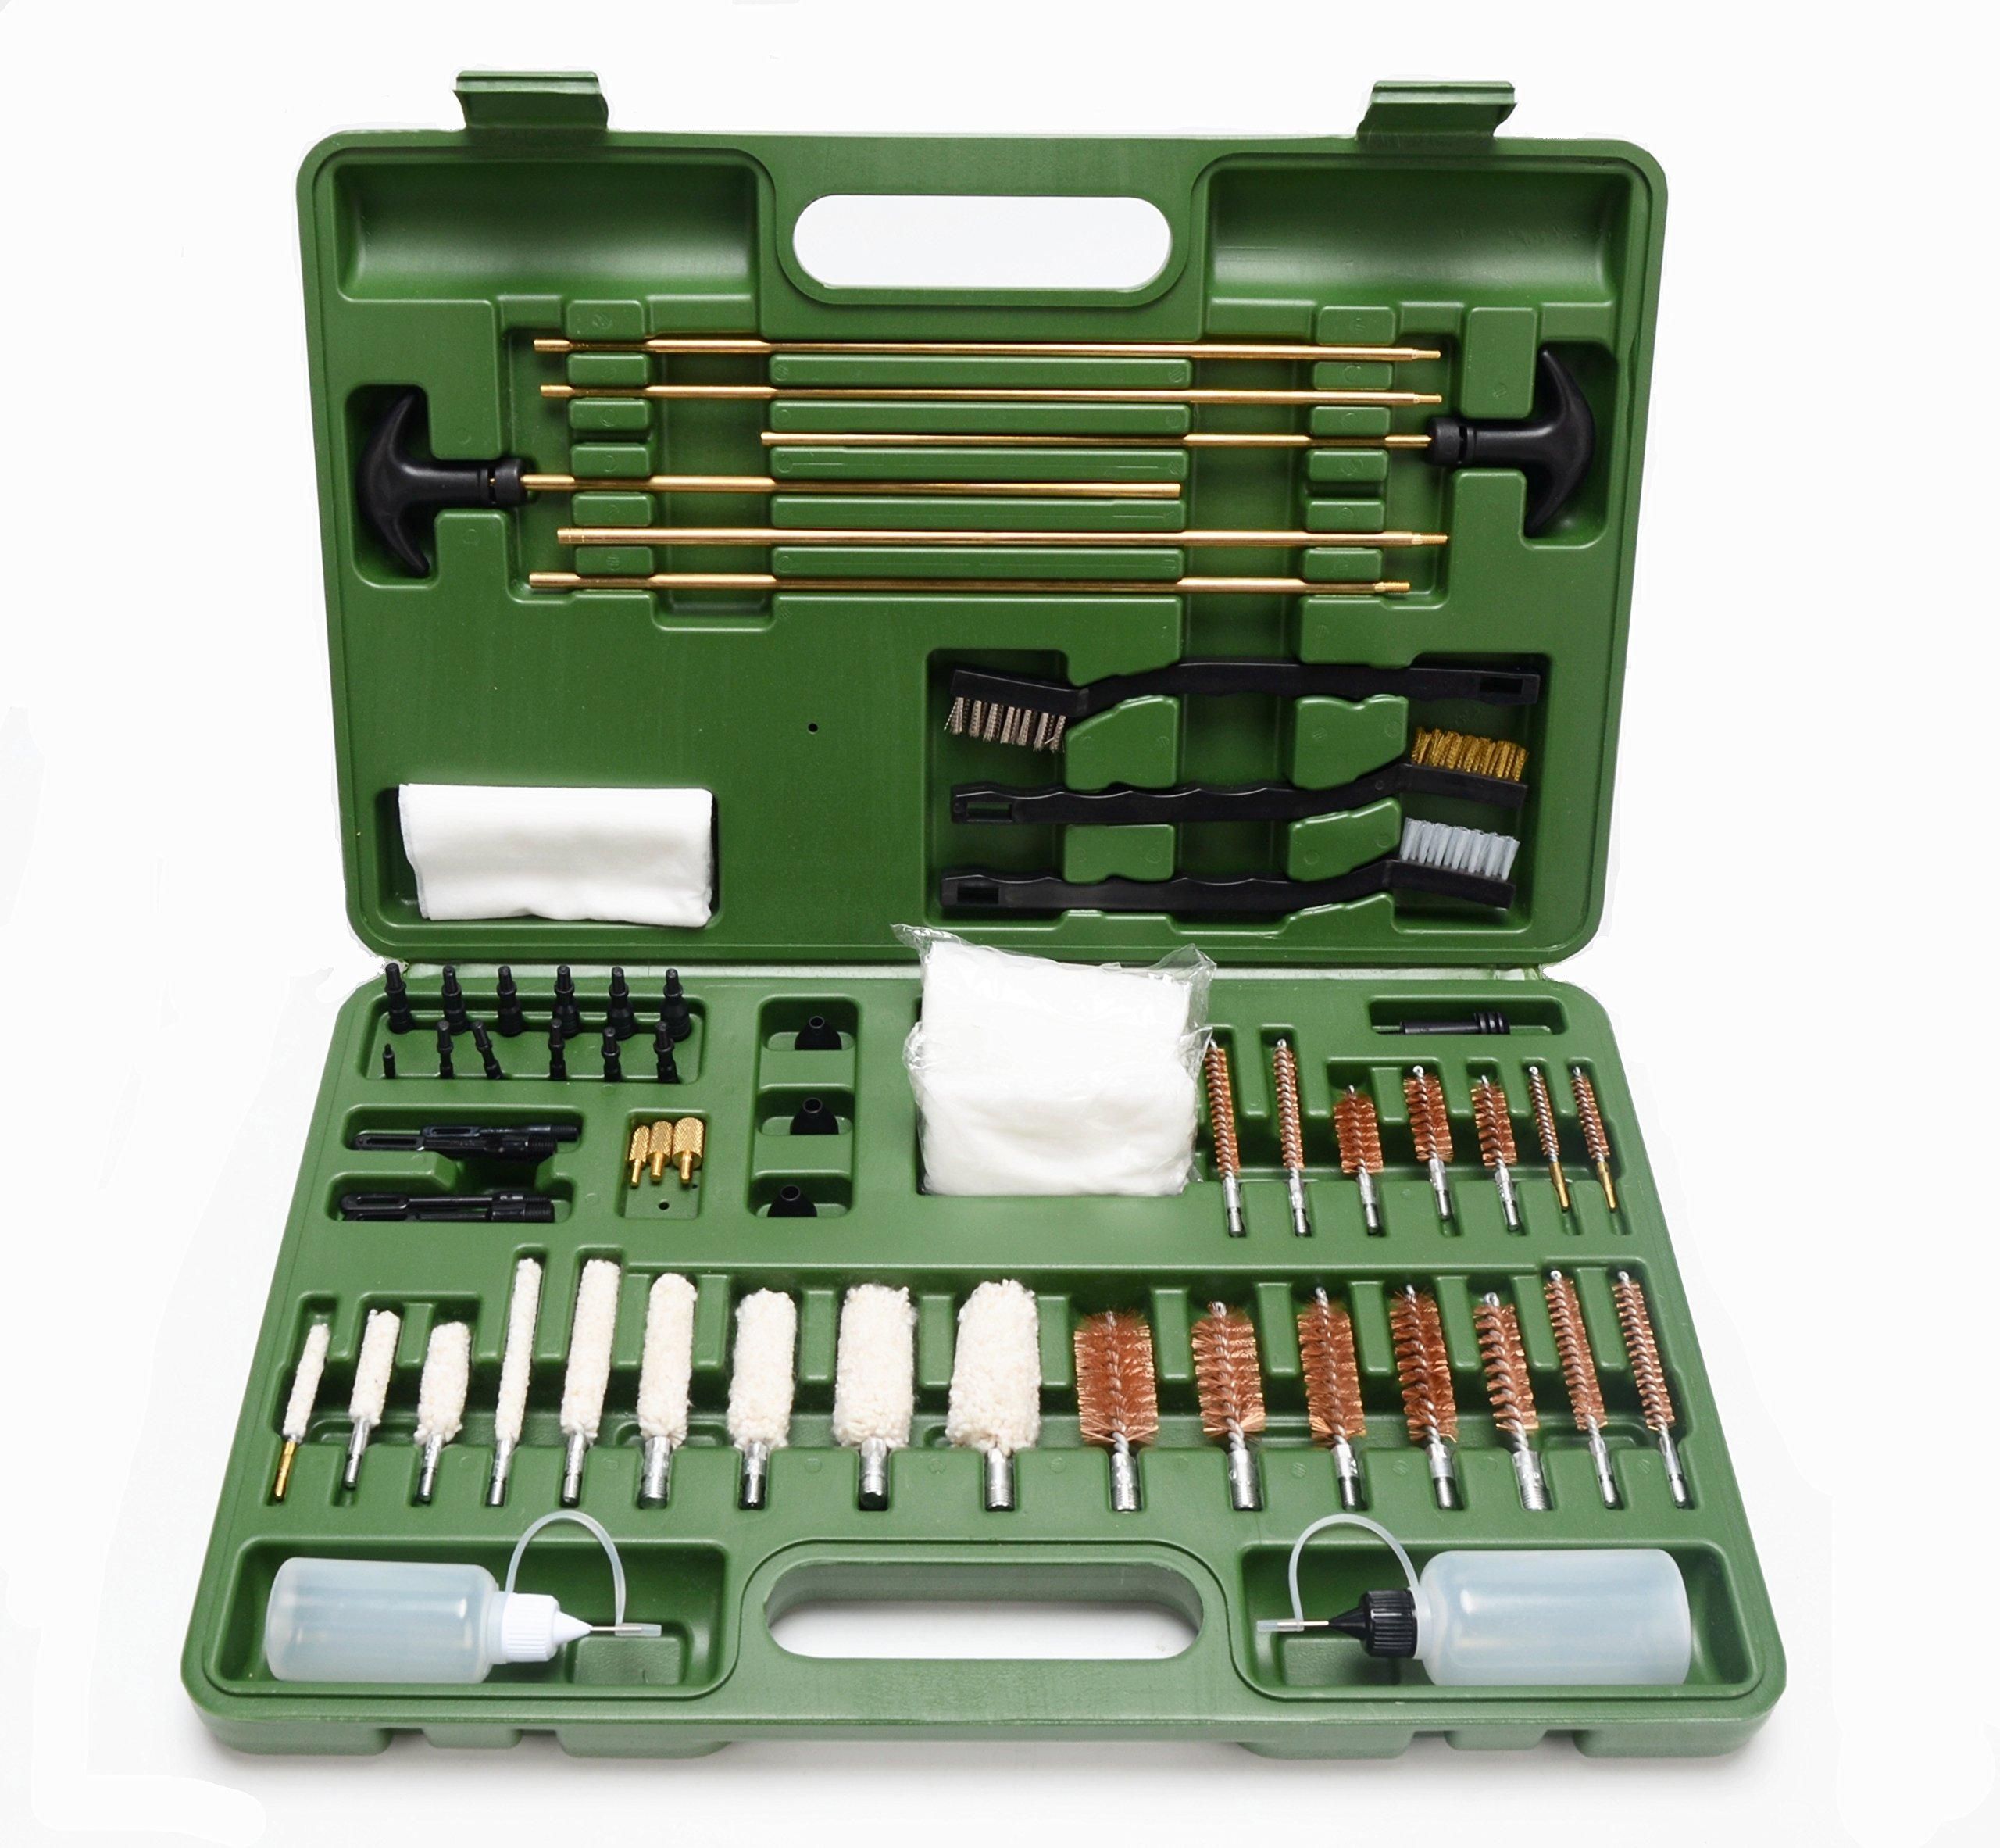 FIREGEAR Gun Cleaning Kit Universal Supplies for Hunting Rilfe Handgun Shot Gun Cleaning Kit for All Guns with Case by FIREGEAR